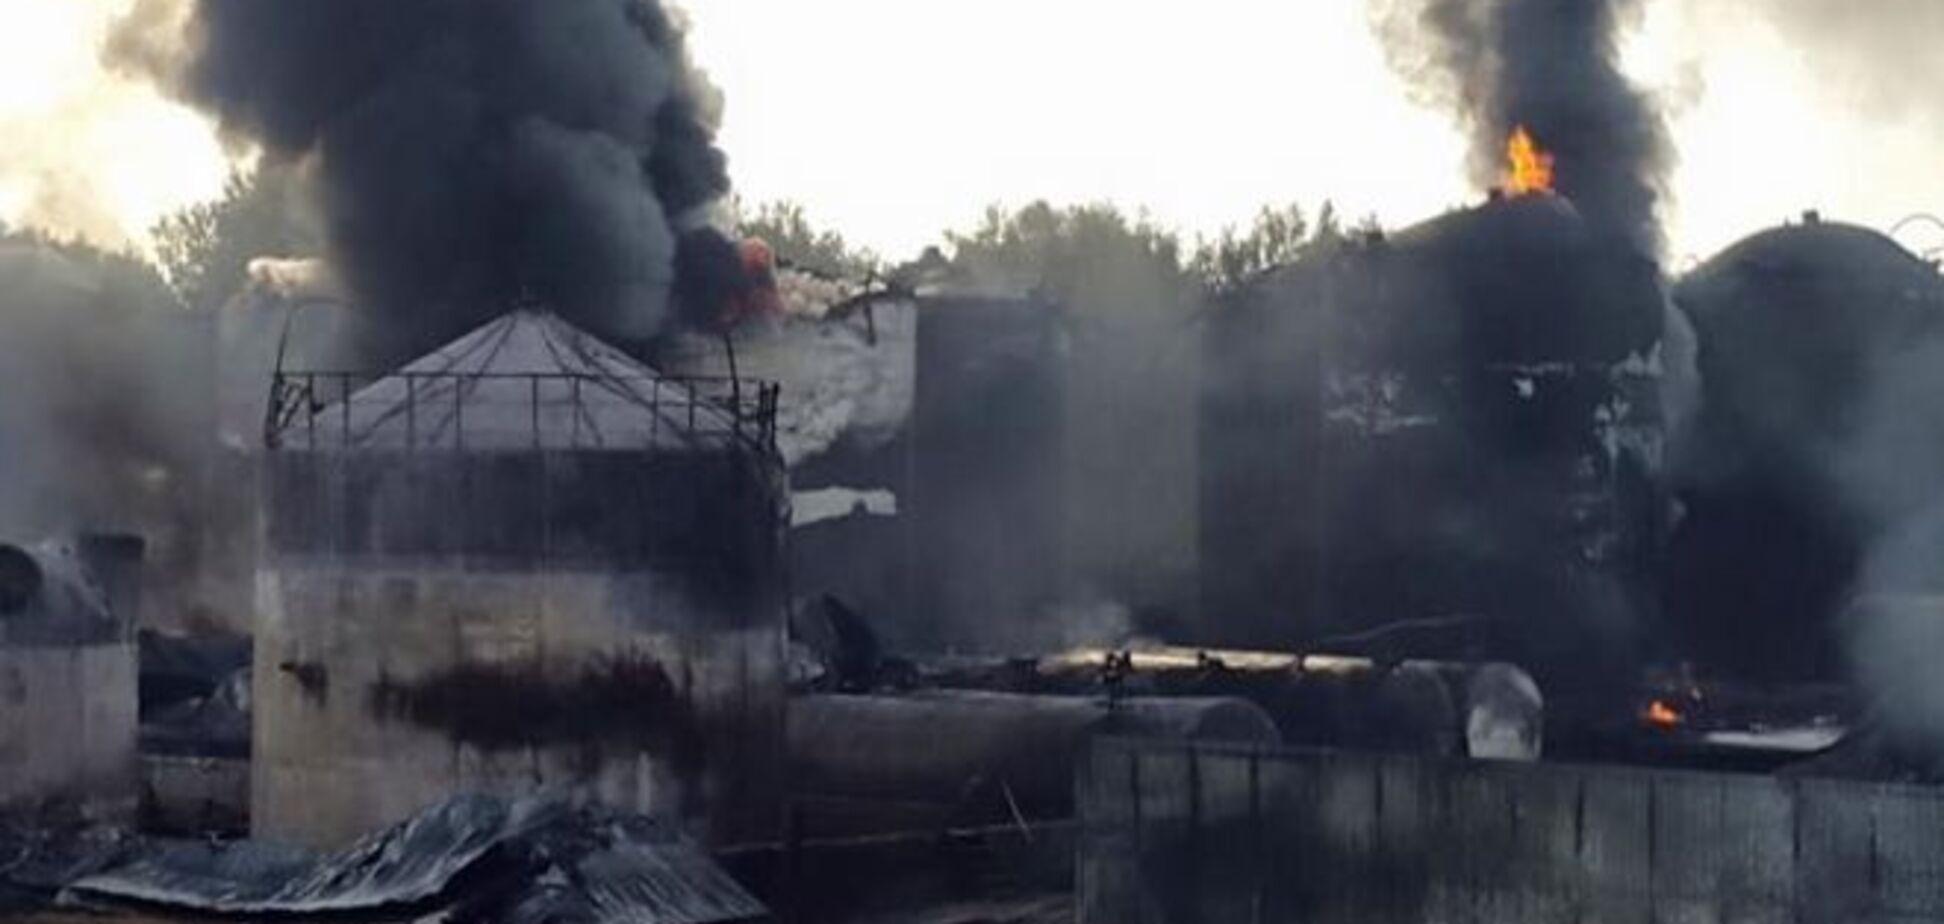 Владельцы горящей в Василькове нефтебазы сбежали в Россию - Турчинов